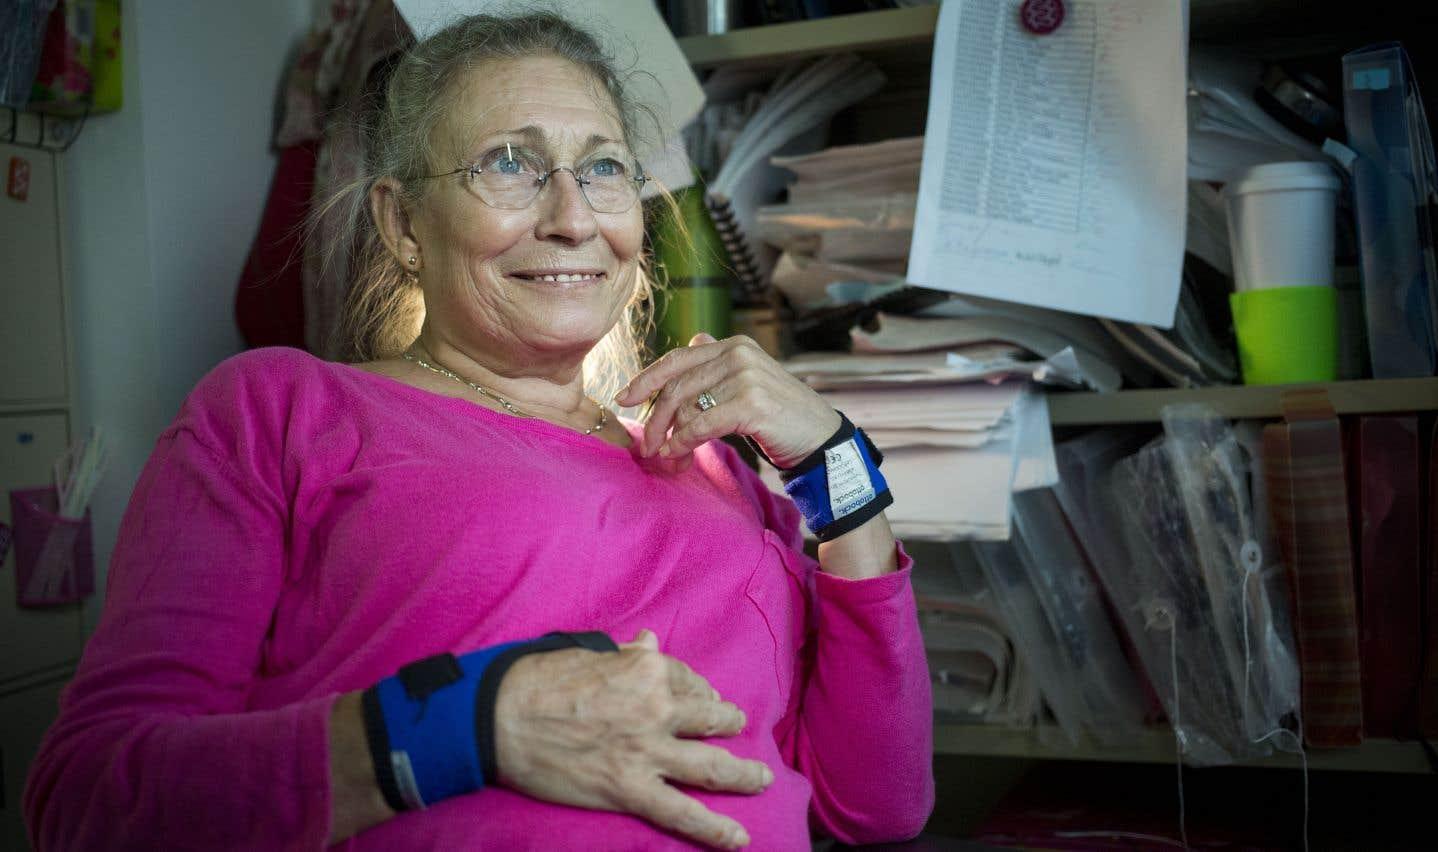 Atteinte d'arthrose sévère, Francine peut continuer à vivre grâce aux opioïdes